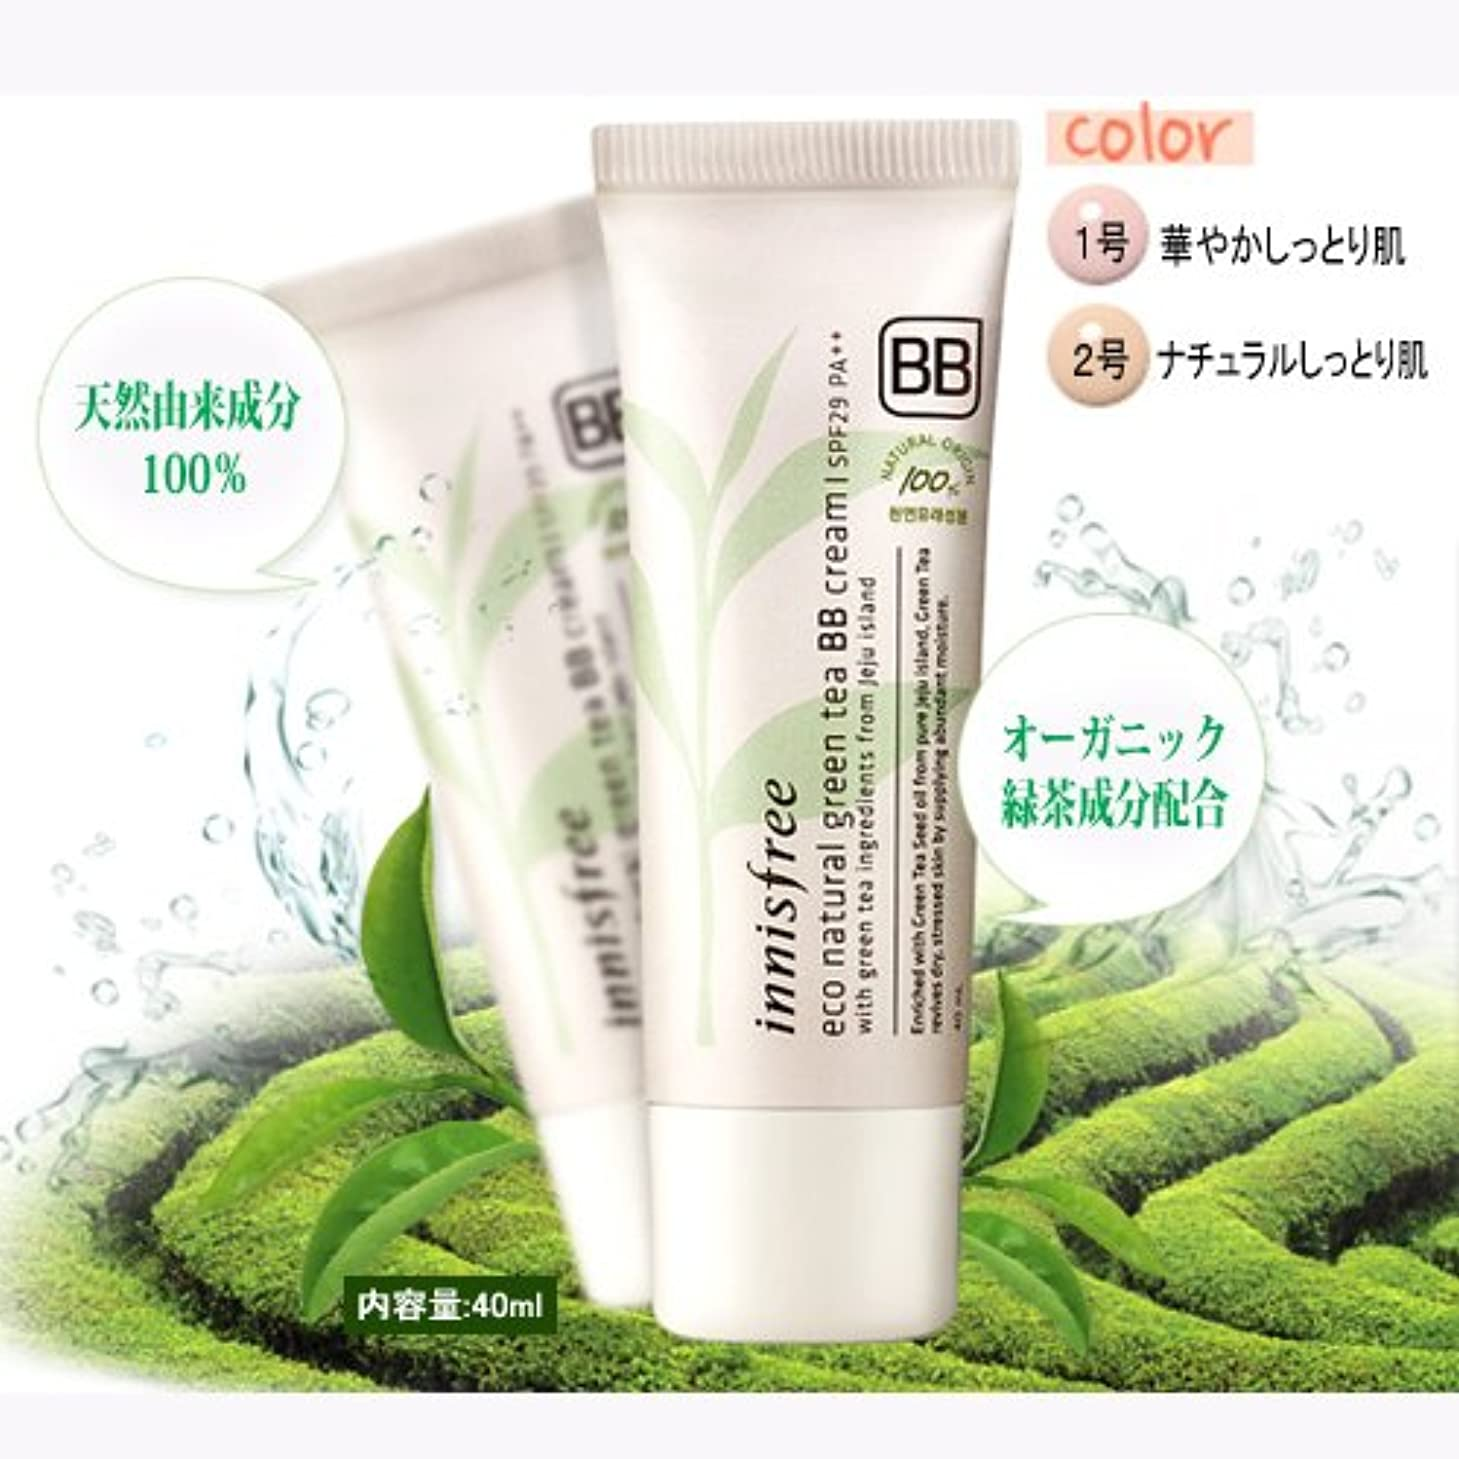 鮮やかな集中バーガーinnisfree/イニスフリー Eco Natural Green Tea BB Cream #01 /エコナチュラルグリーンティーBBクリーム 華やかなしっとり肌 SPF29PA++40ml